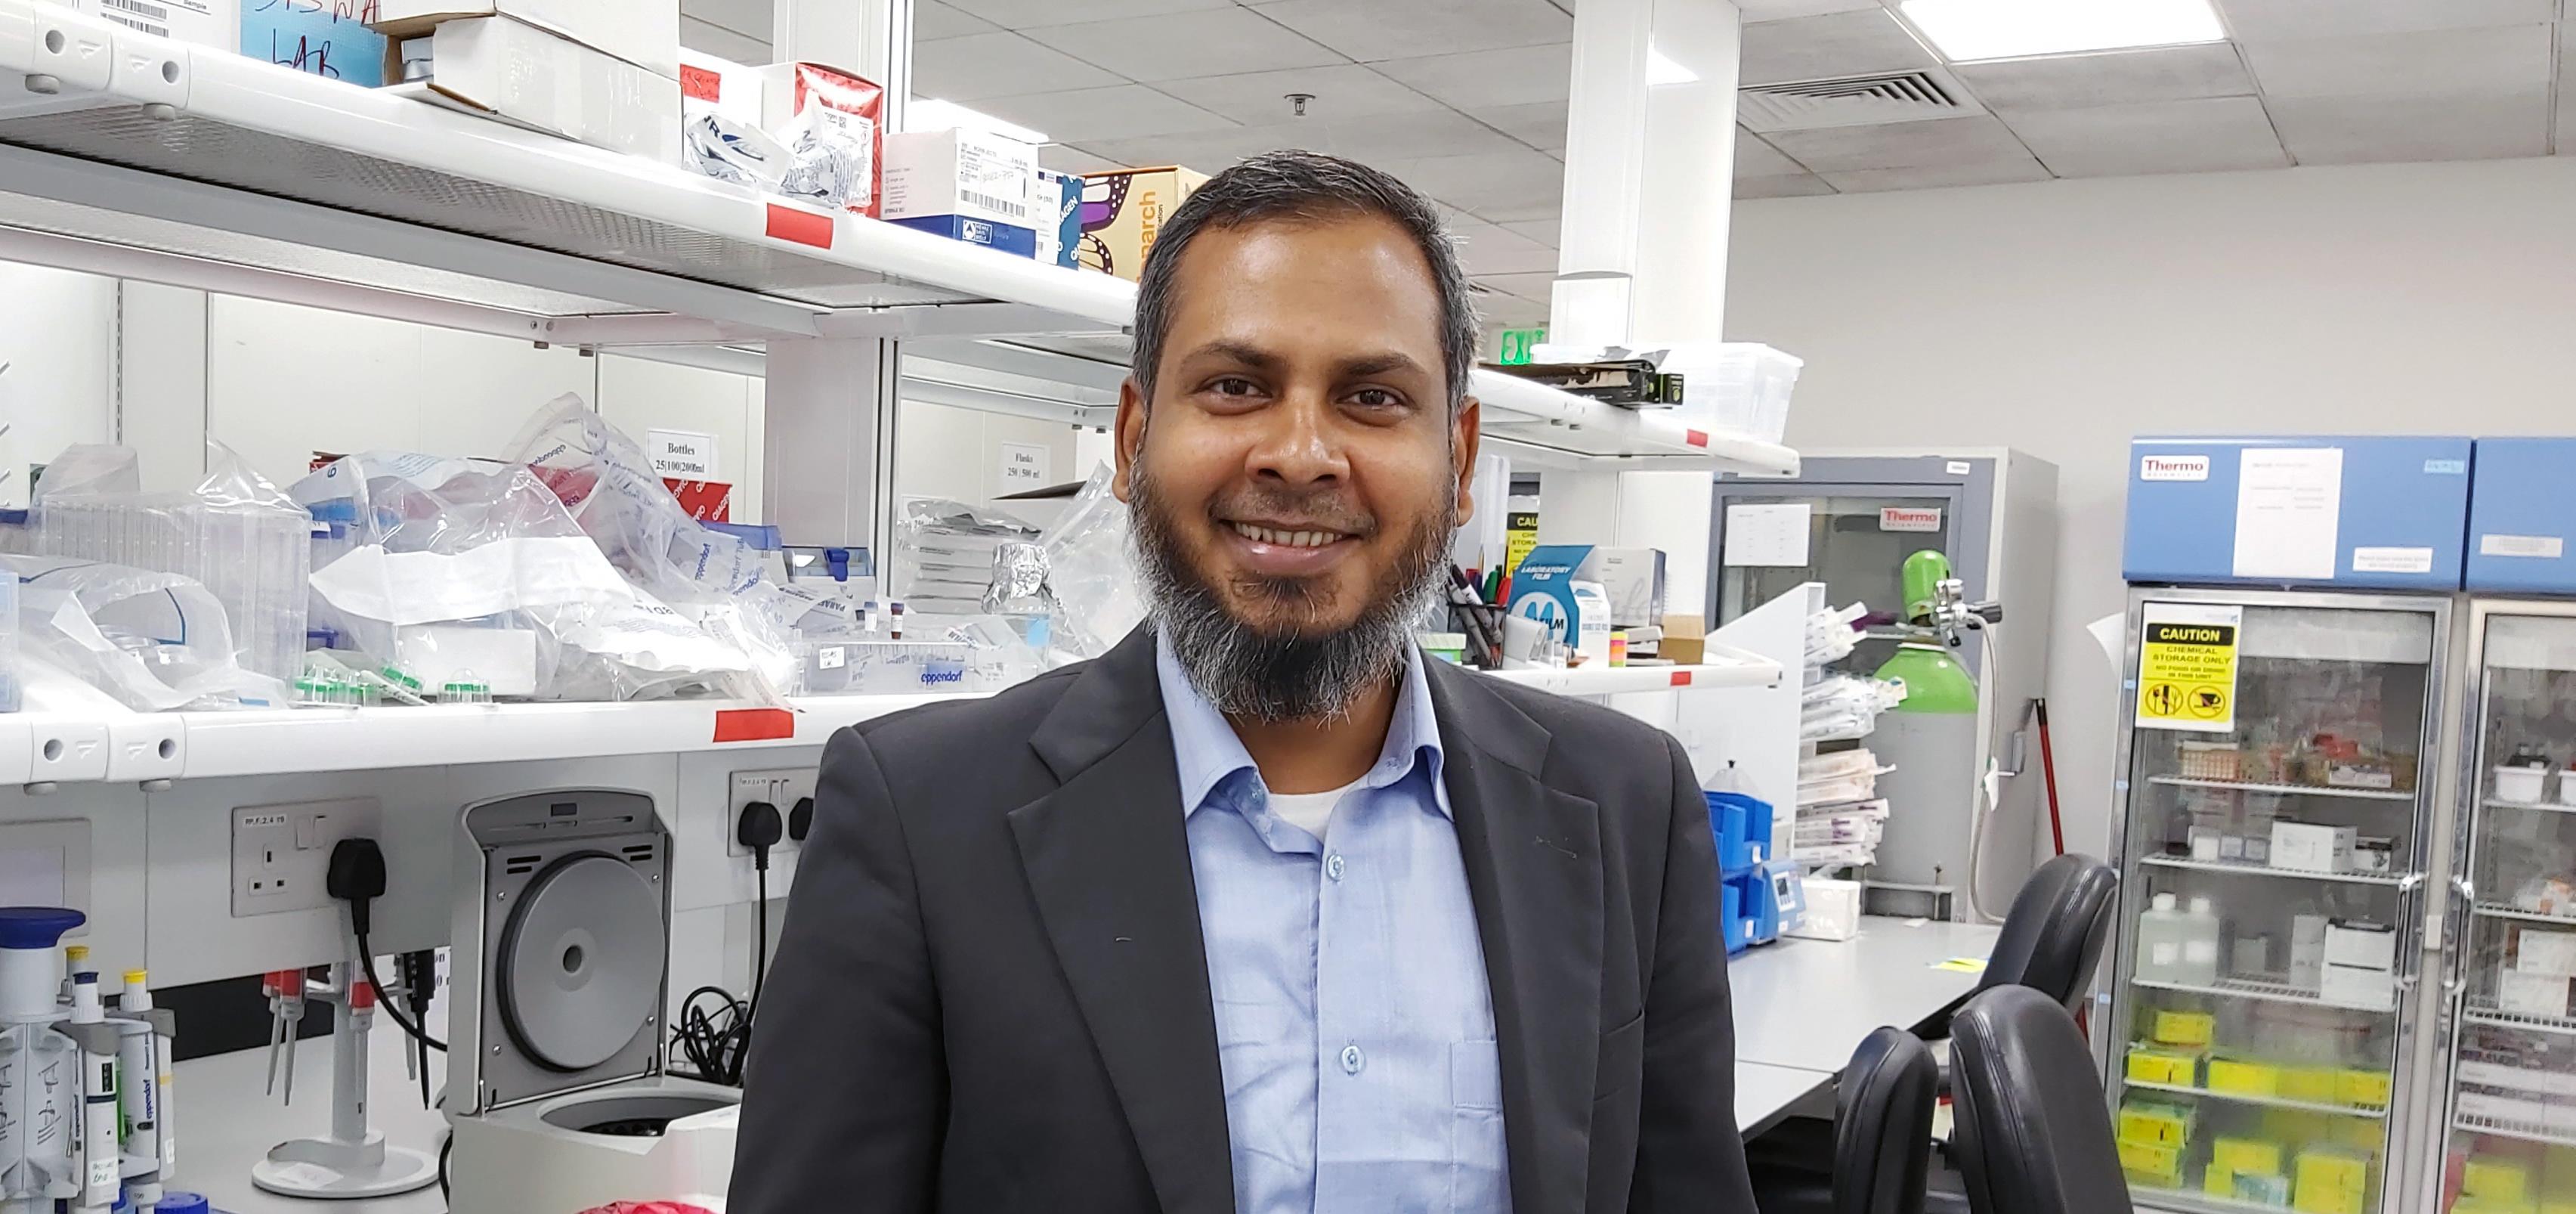 Dr. Kabir H. Biswas, Assistant Professor at CHLS, is...